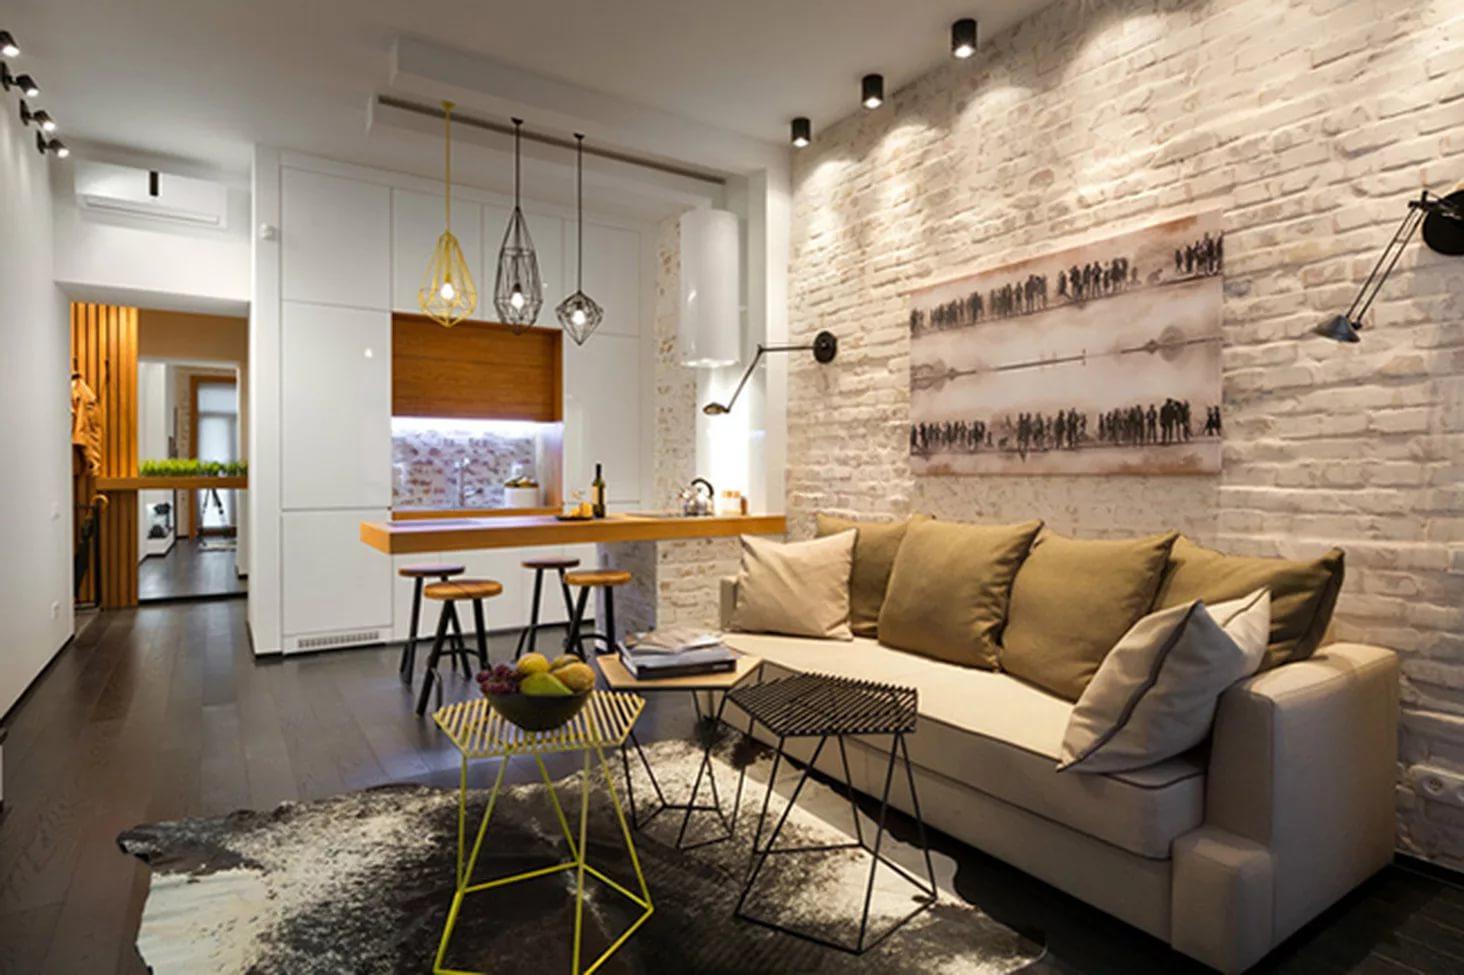 Стены и потолок малогабаритной квартиры в стиле лофт